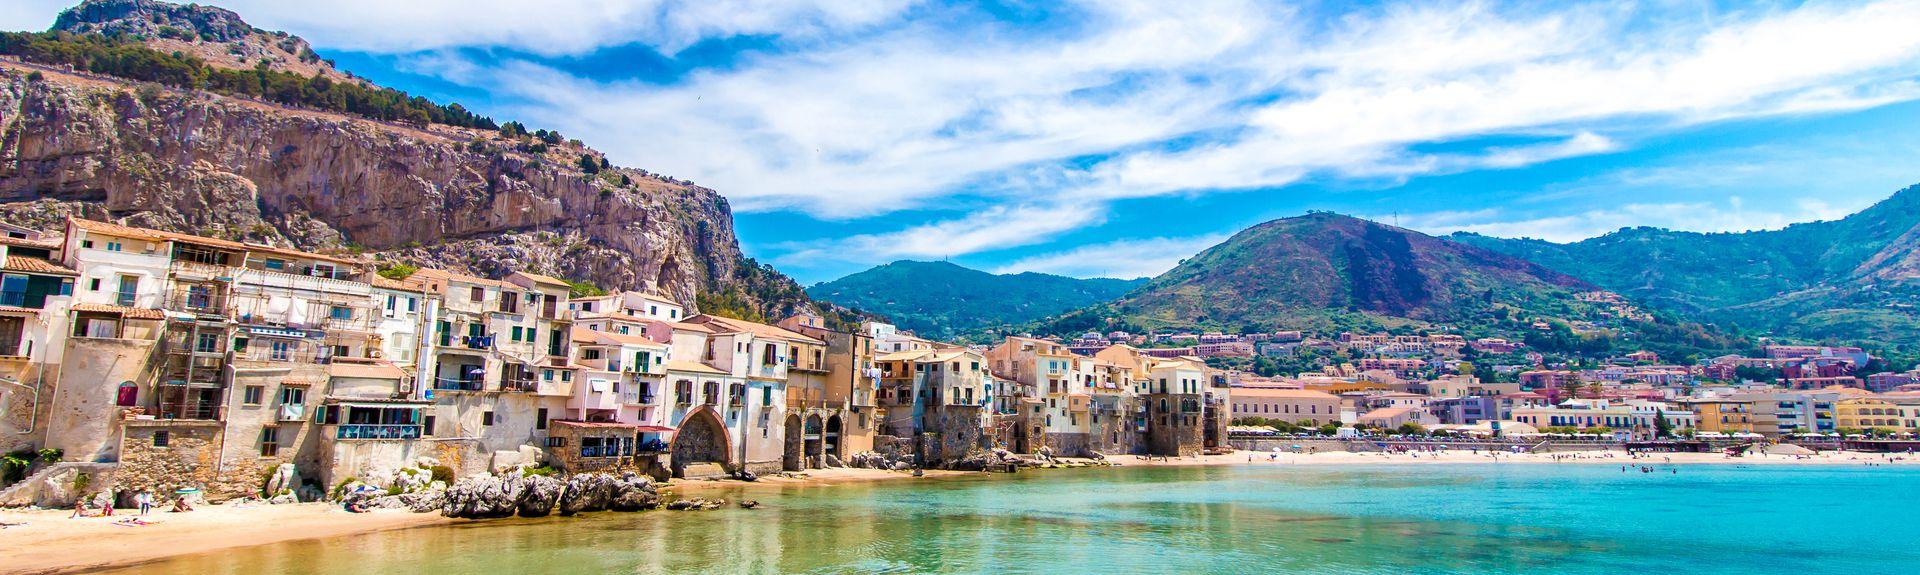 Cefalu, Sisilia, Italia